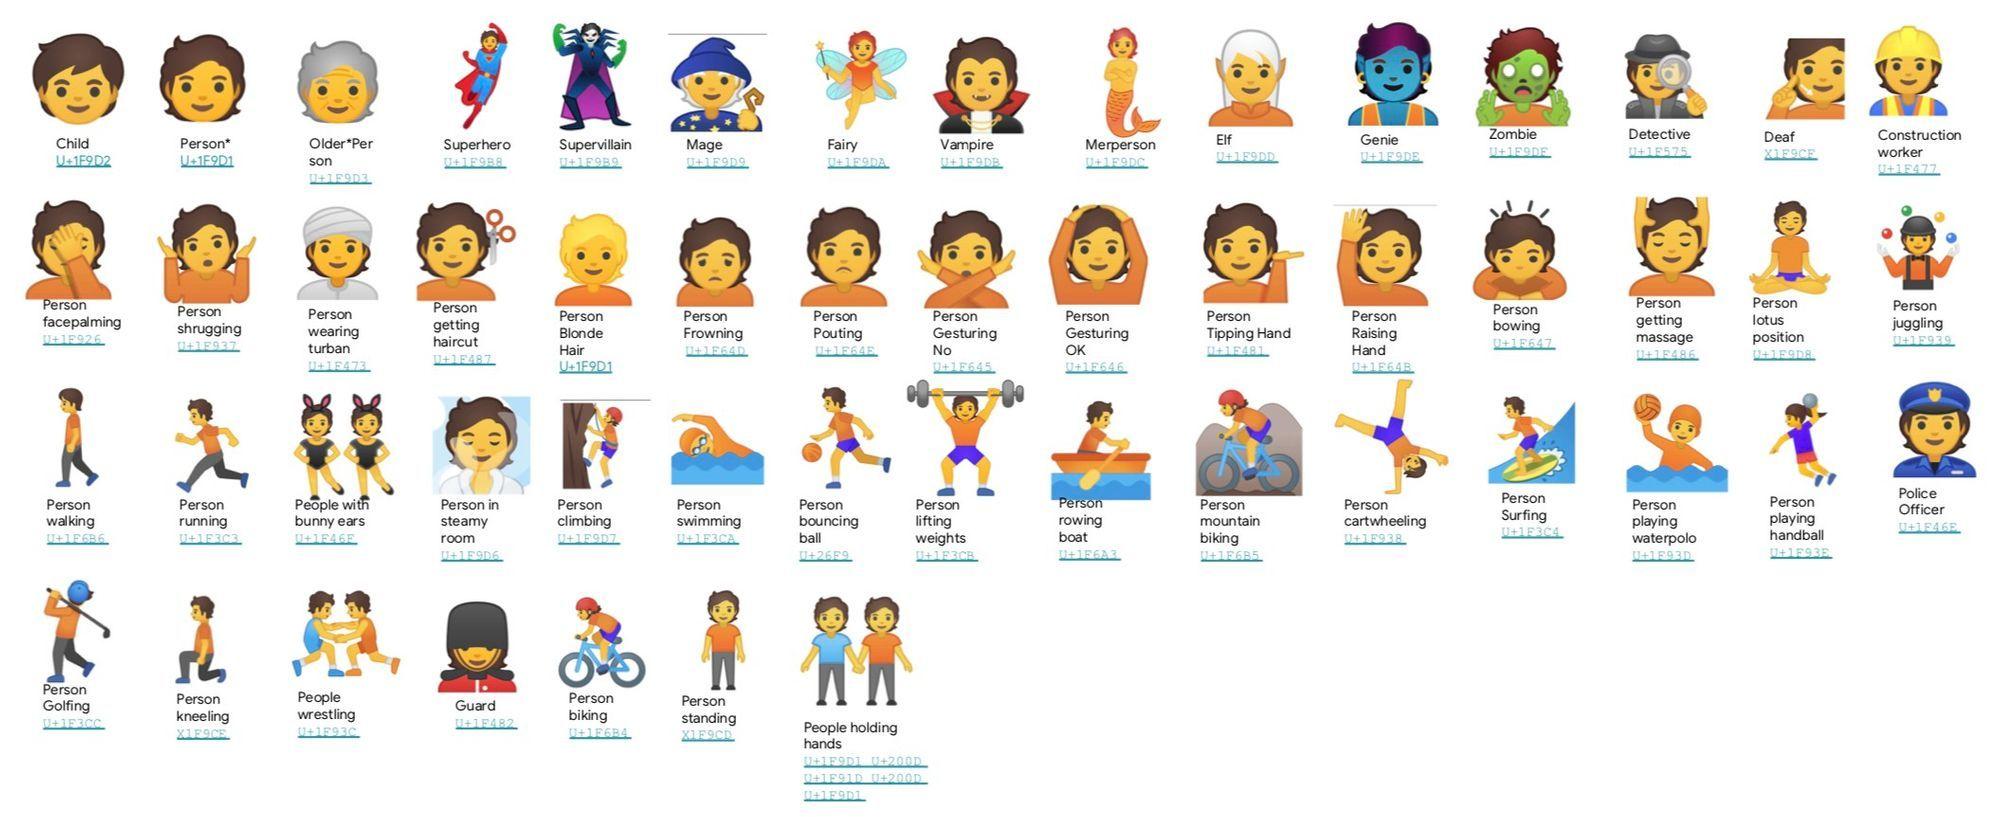 google-gender-inclusive-emojis-2019-1.jpg